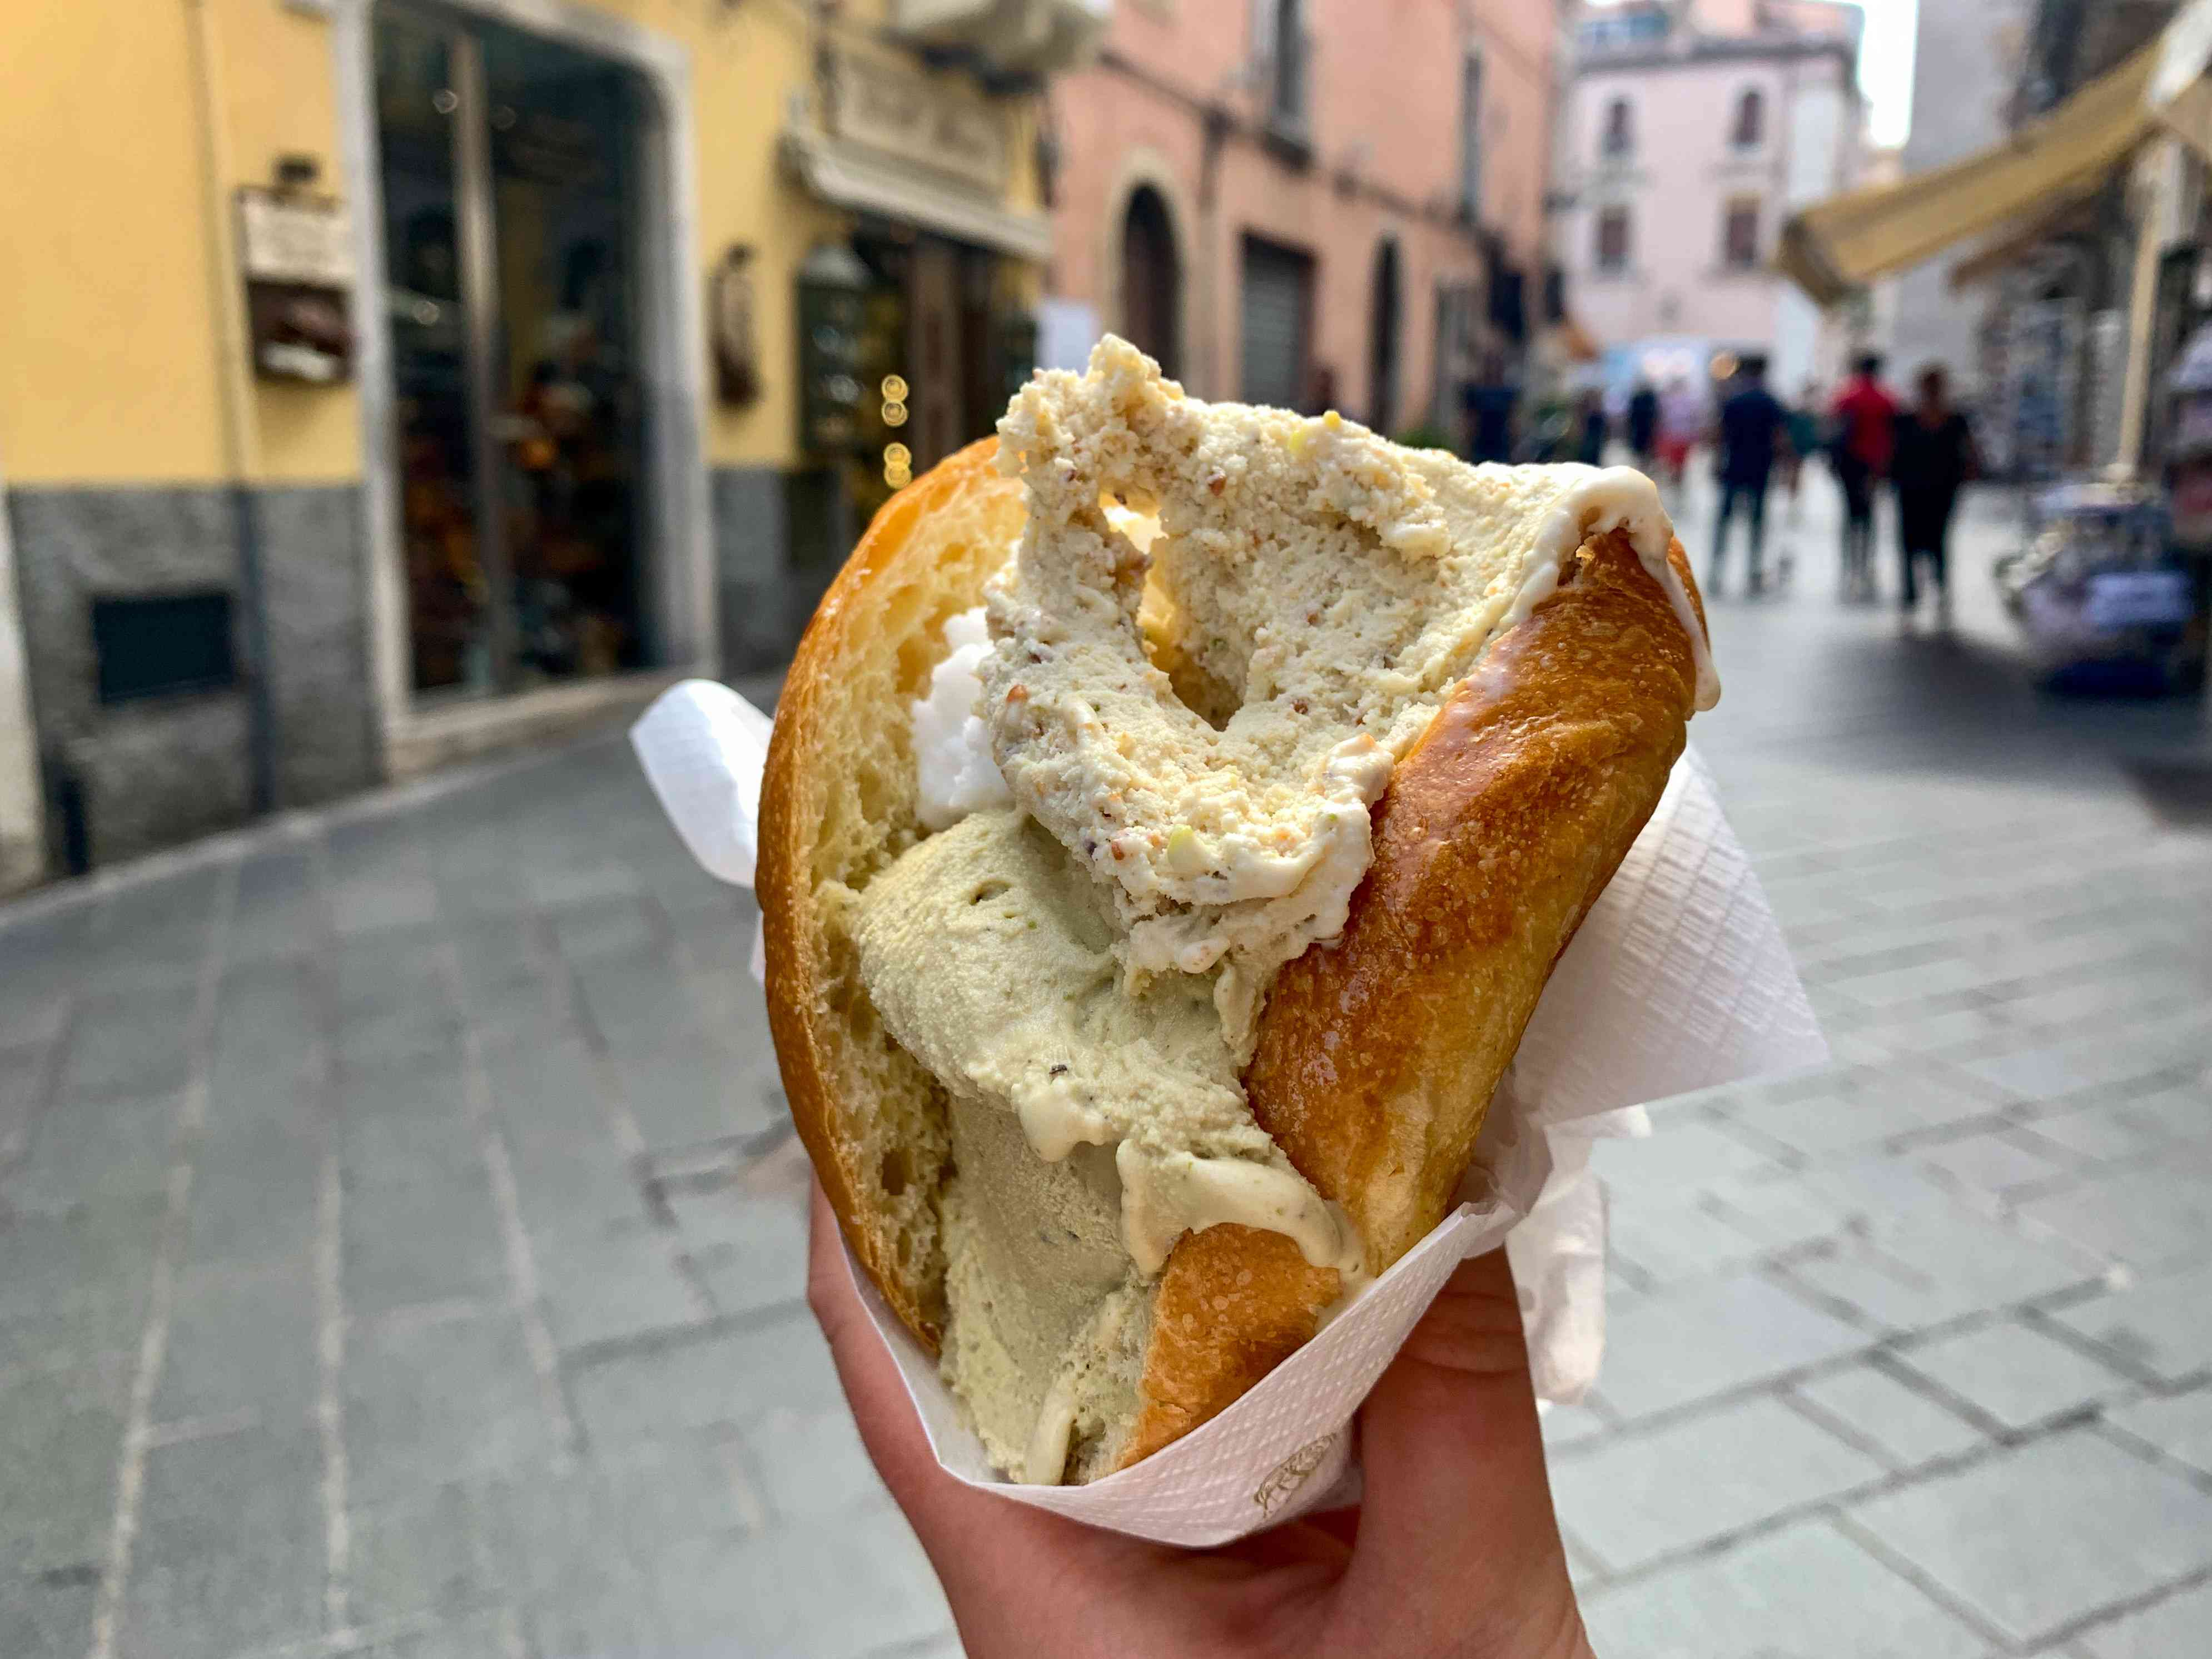 Traditional Sicilian ice cream in brioche bun